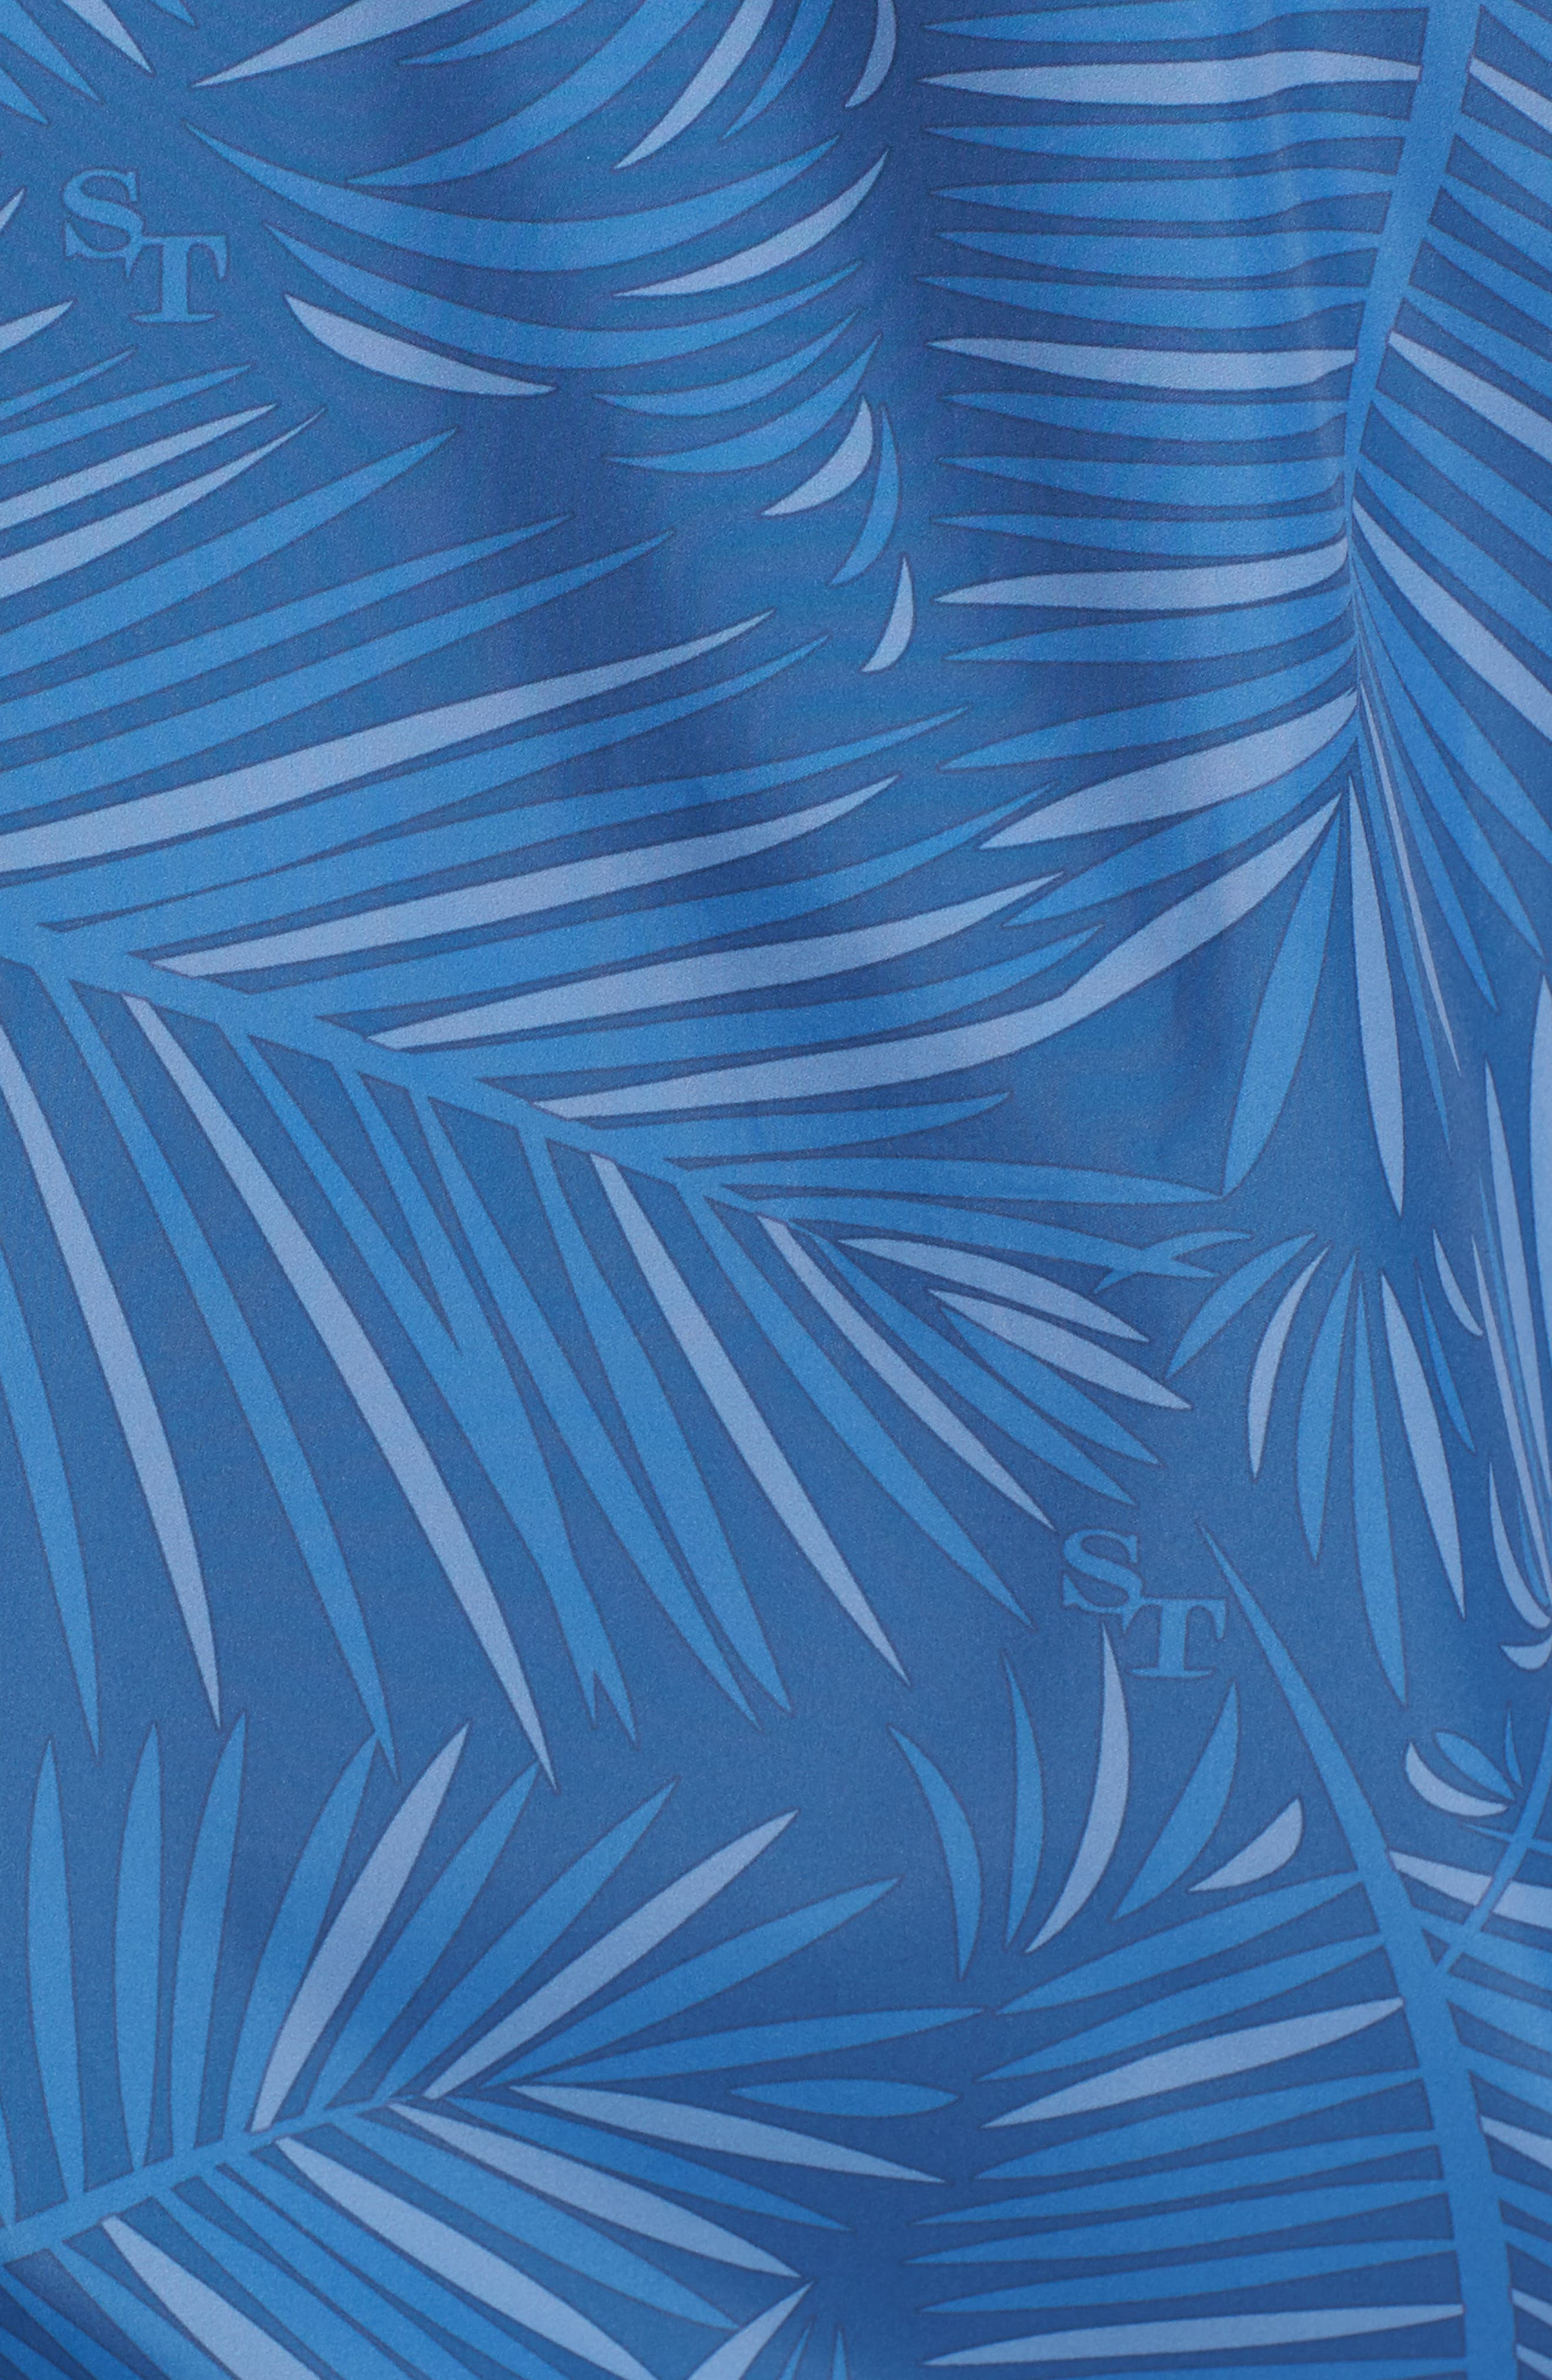 Pelican Peak Full Zip Hooded Jacket,                             Alternate thumbnail 5, color,                             Seven Seas Blue